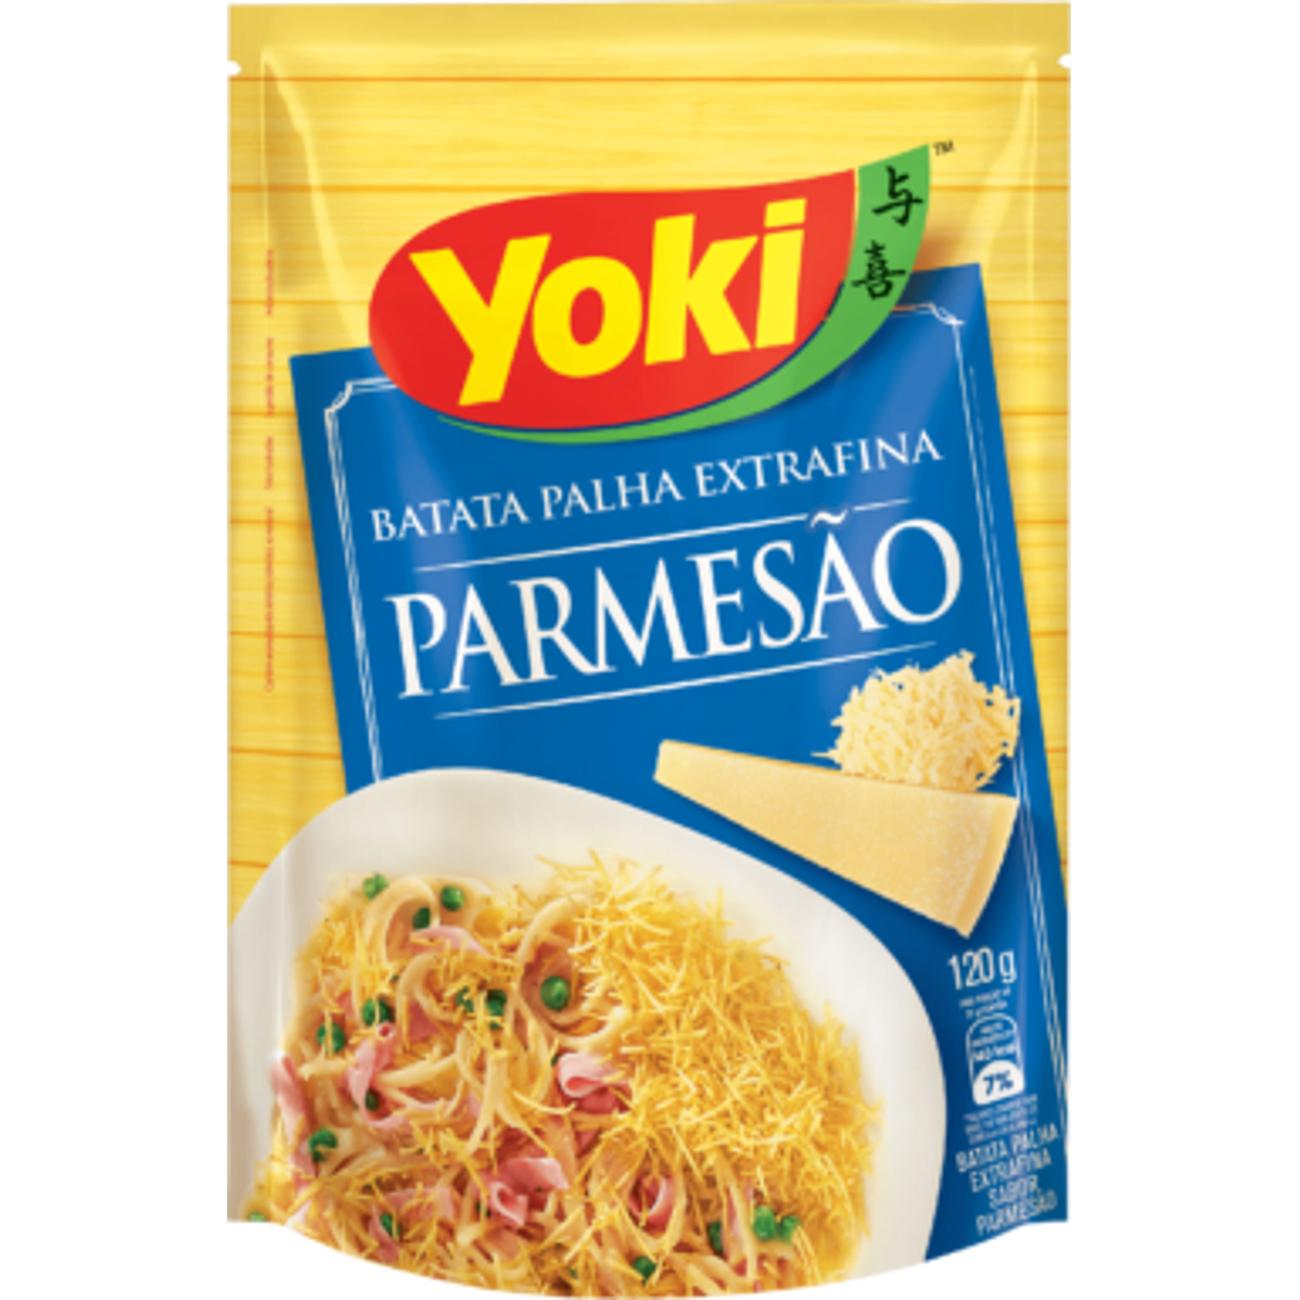 Batata Palha Yoki Parmesao 120G